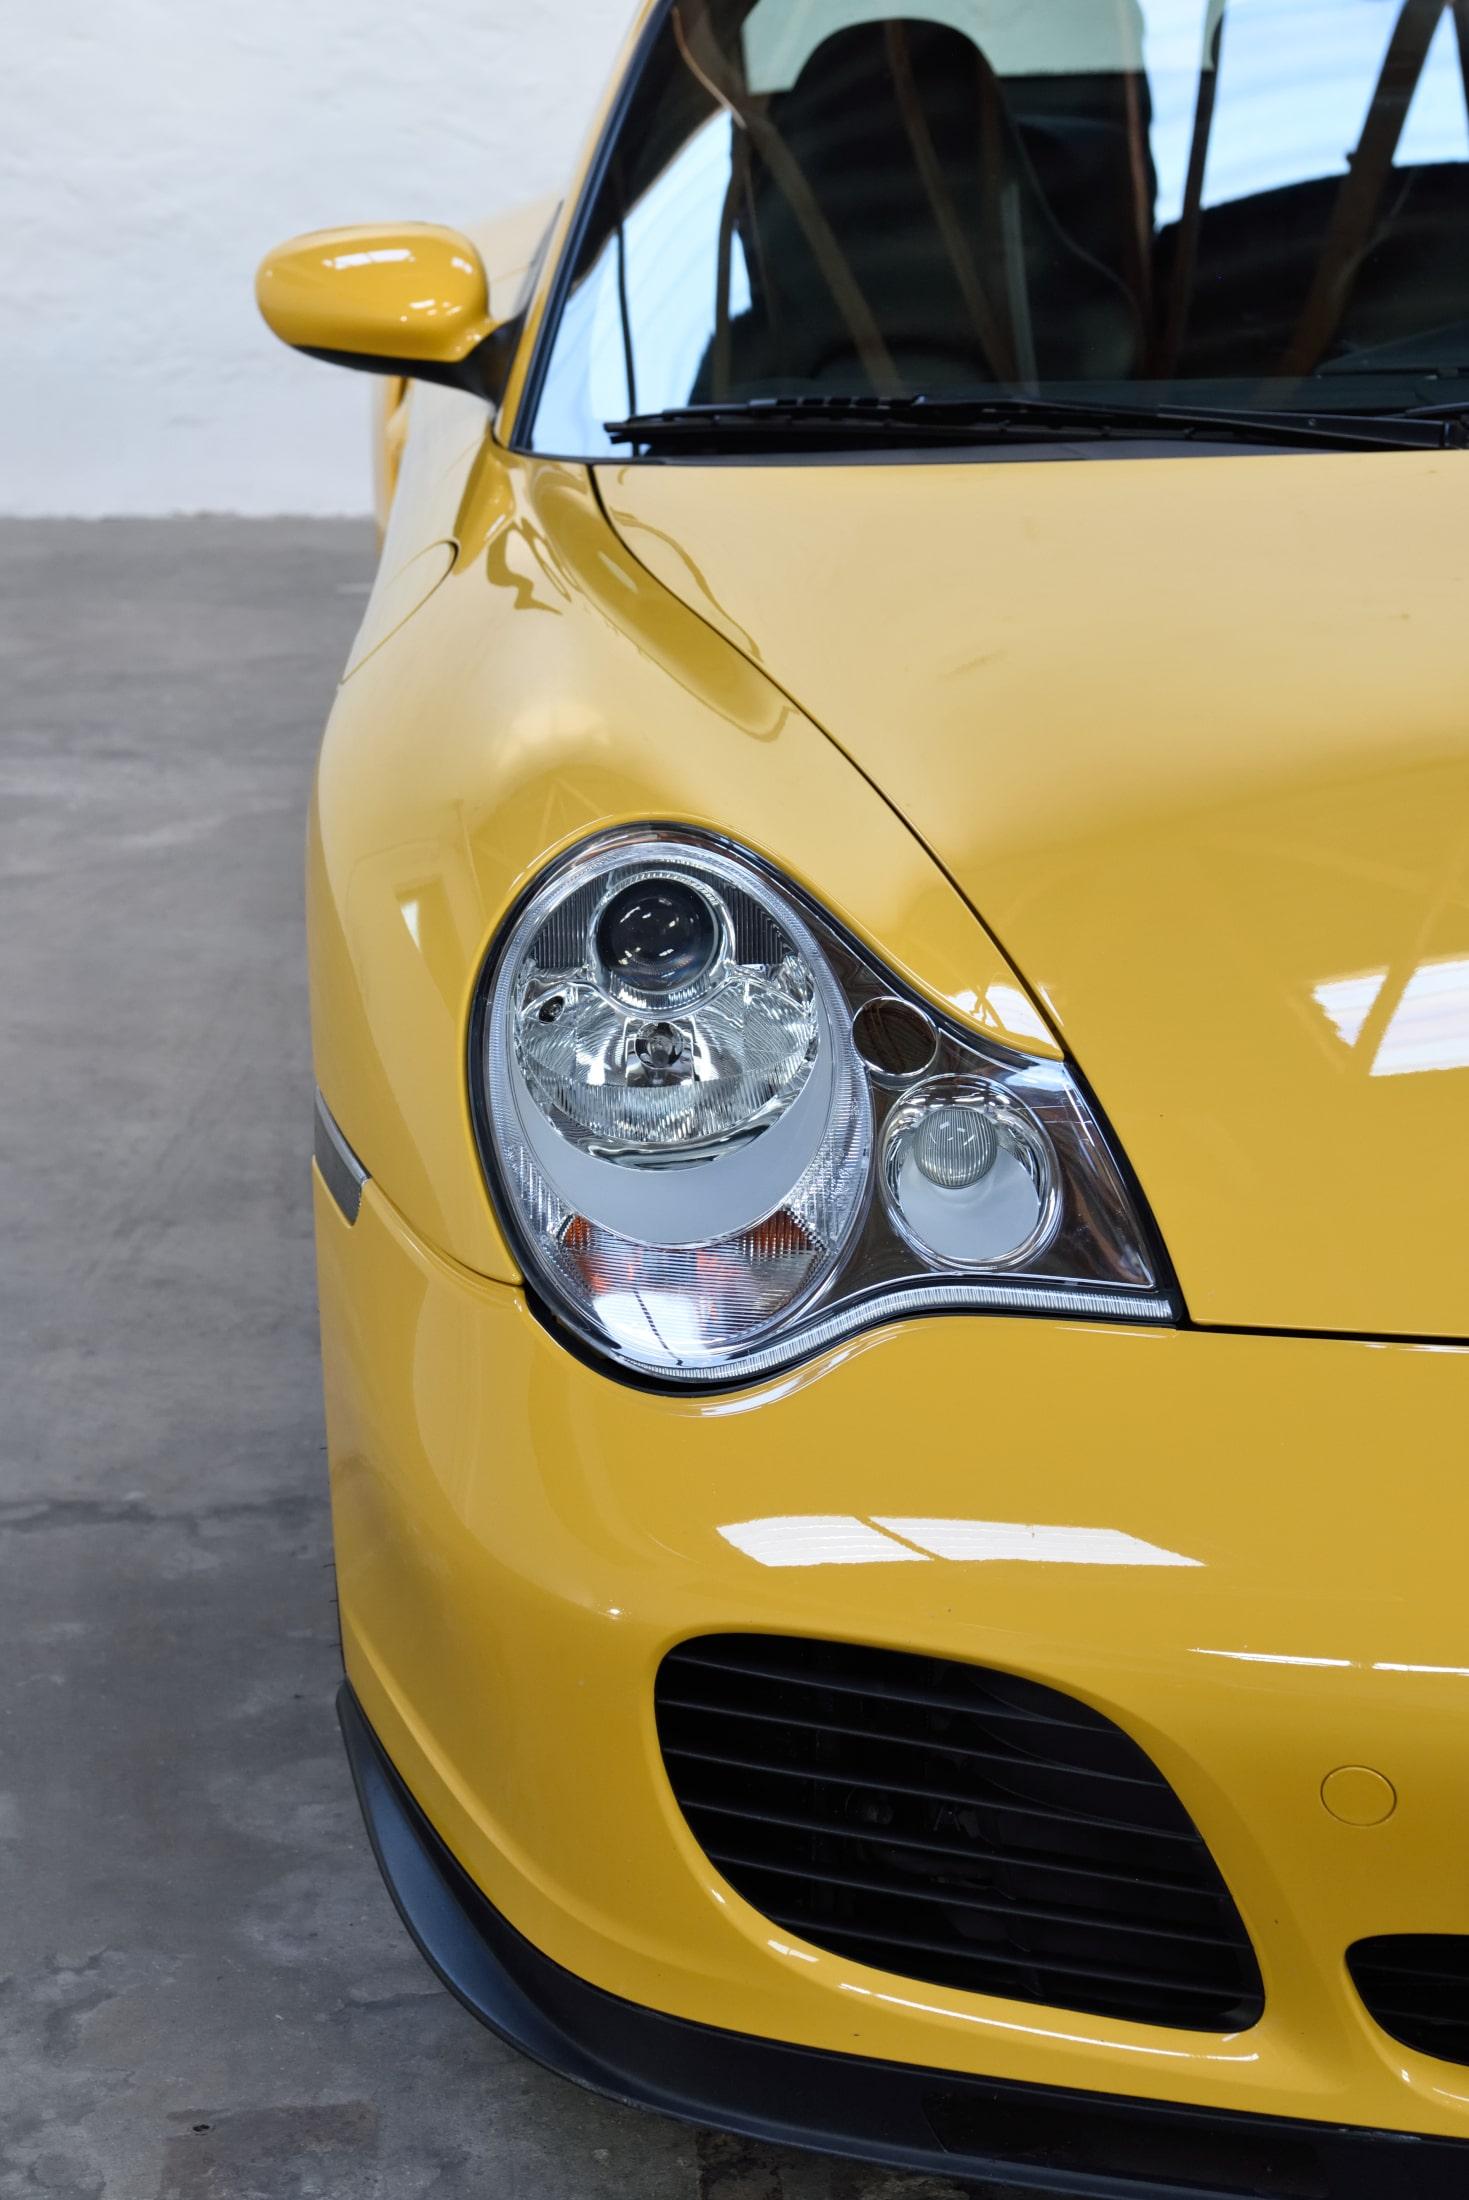 Porsche 996 Turbo speedgelb